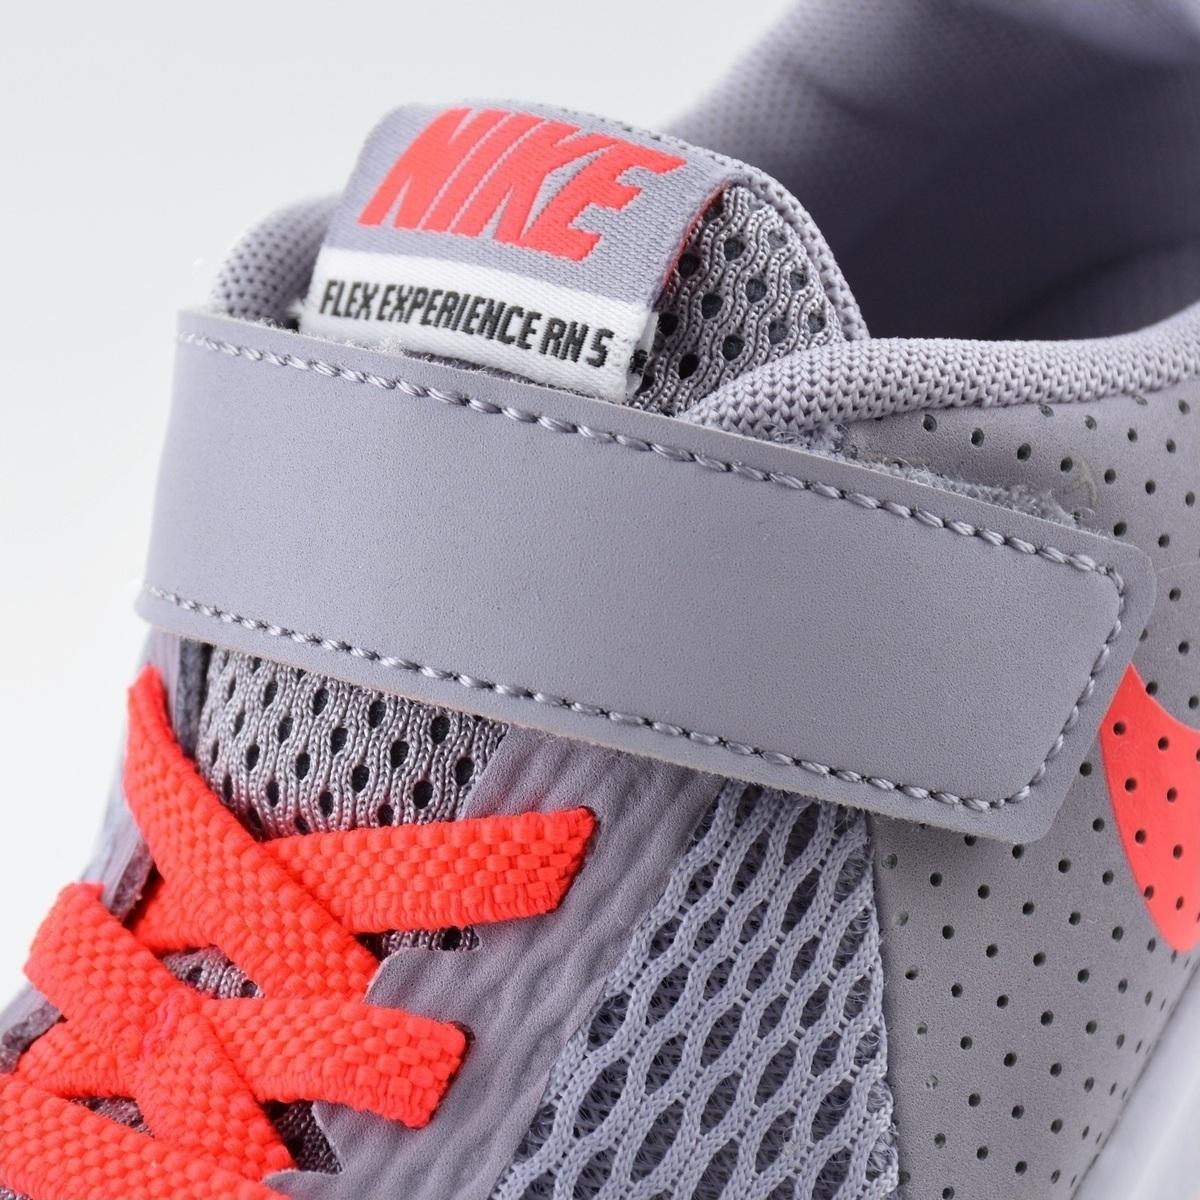 Nike Flex Experience 5 PSV 844992-502 - Skroutz.gr 7ea2af7dfa1